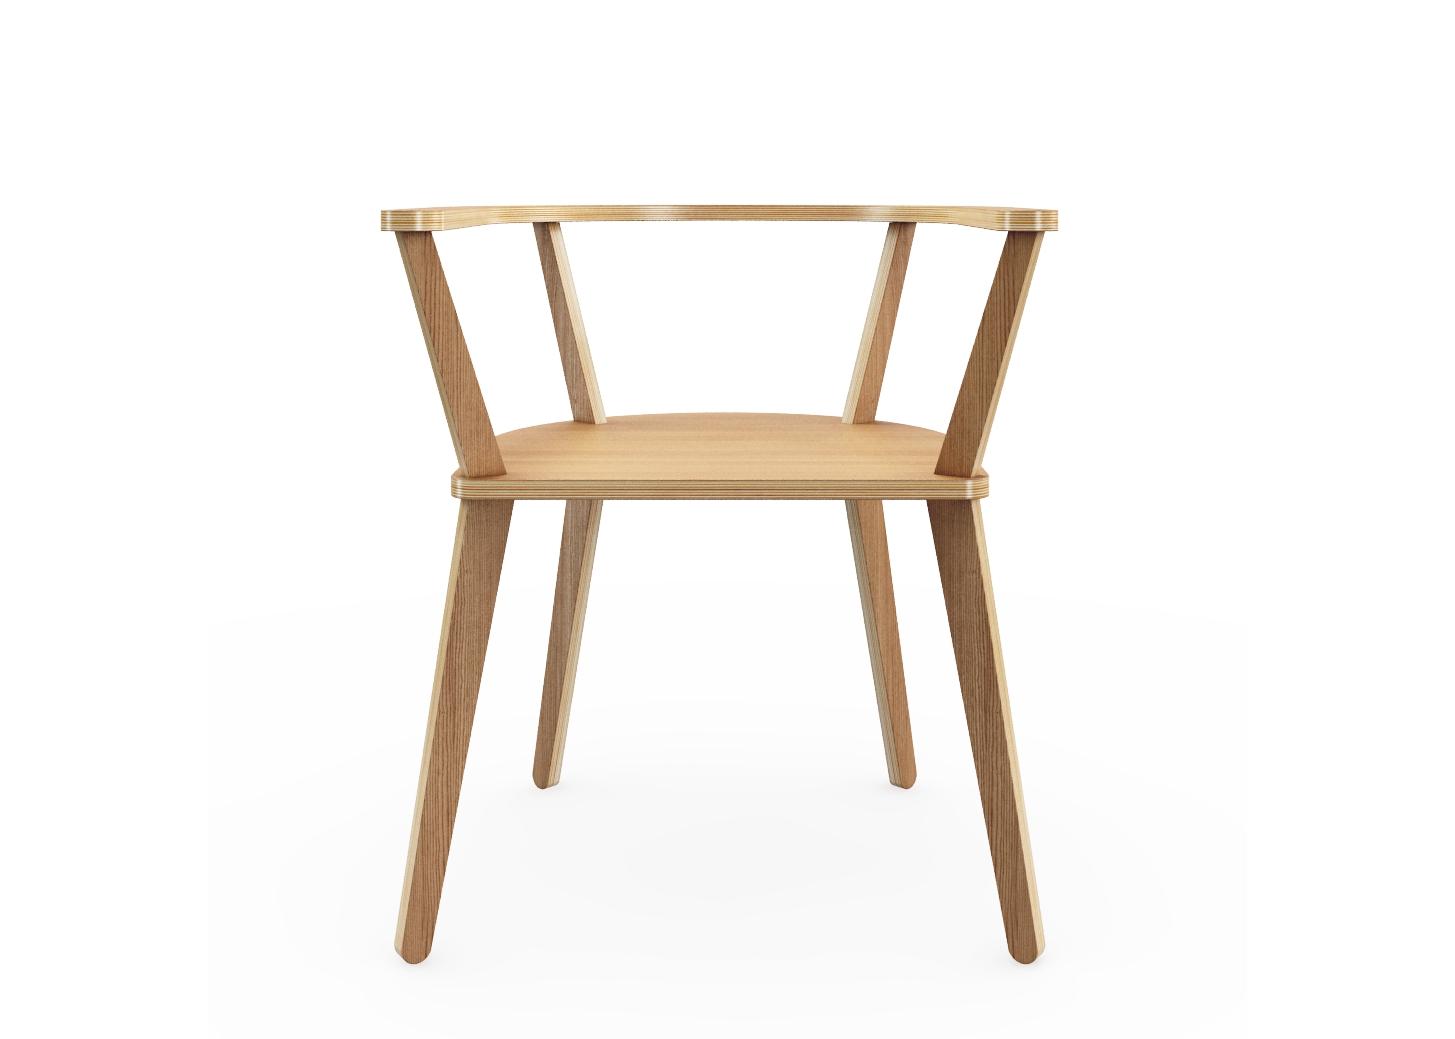 Стул Enk?pingsСтулья с подлокотниками<br>Прочный, стильный и удобный стул, настоящая классика скандинавского дизайна. Отделка шпоном дуба. Сборка не требуется.<br><br>Material: Фанера<br>Width см: 65<br>Depth см: 65<br>Height см: 72